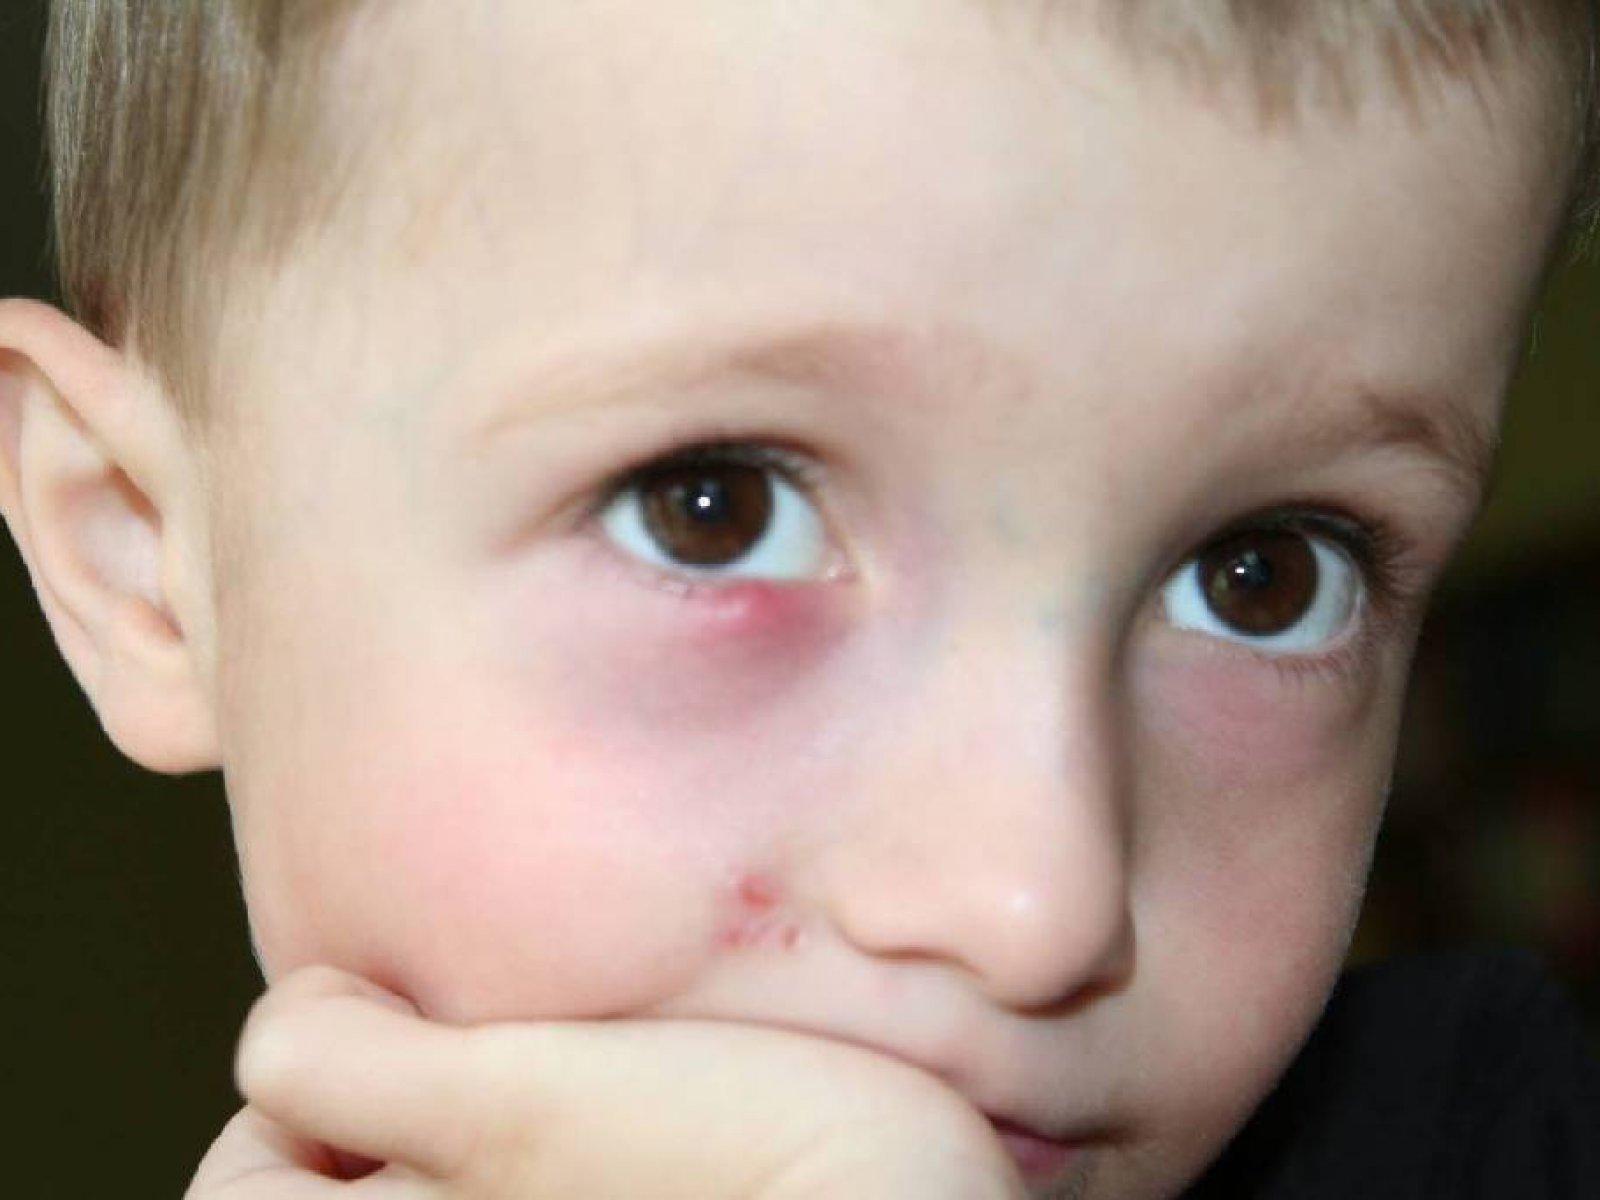 Шишка под глазом у ребенка. Шишка у ребенка. Zdorovyj 33